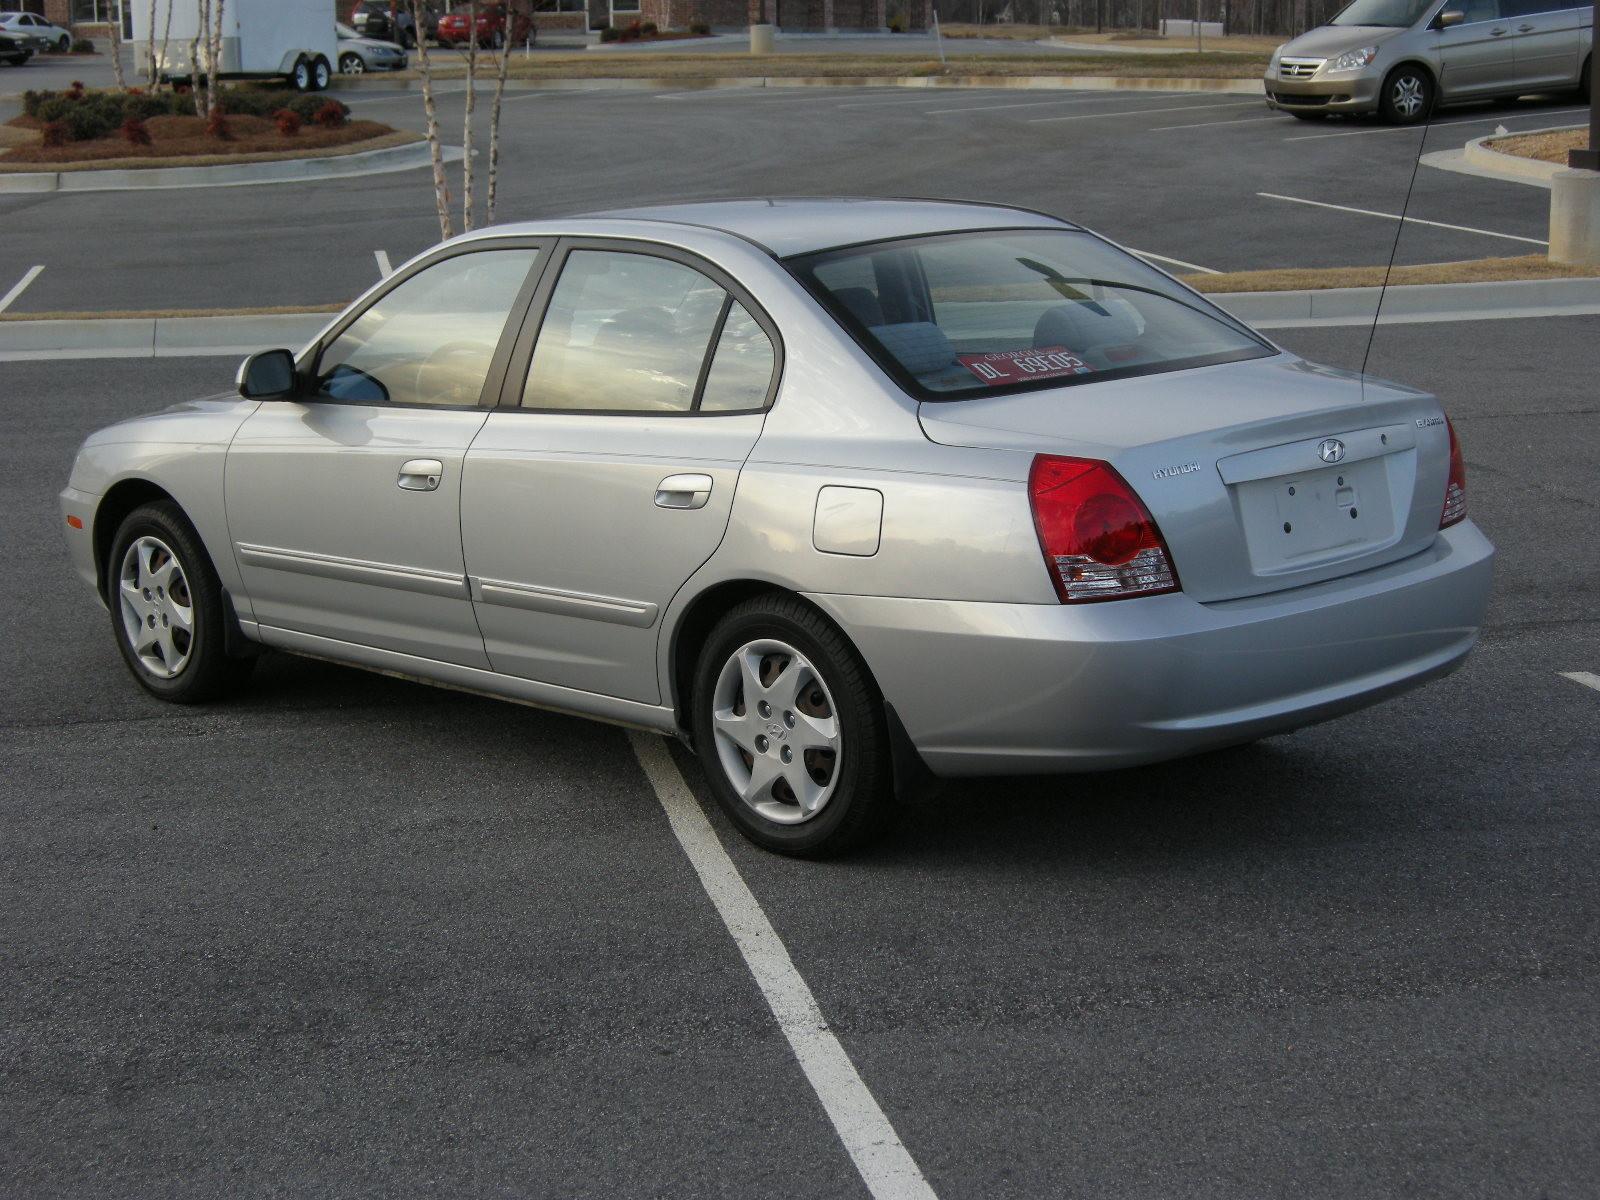 2006 Hyundai Elantra Pictures Cargurus